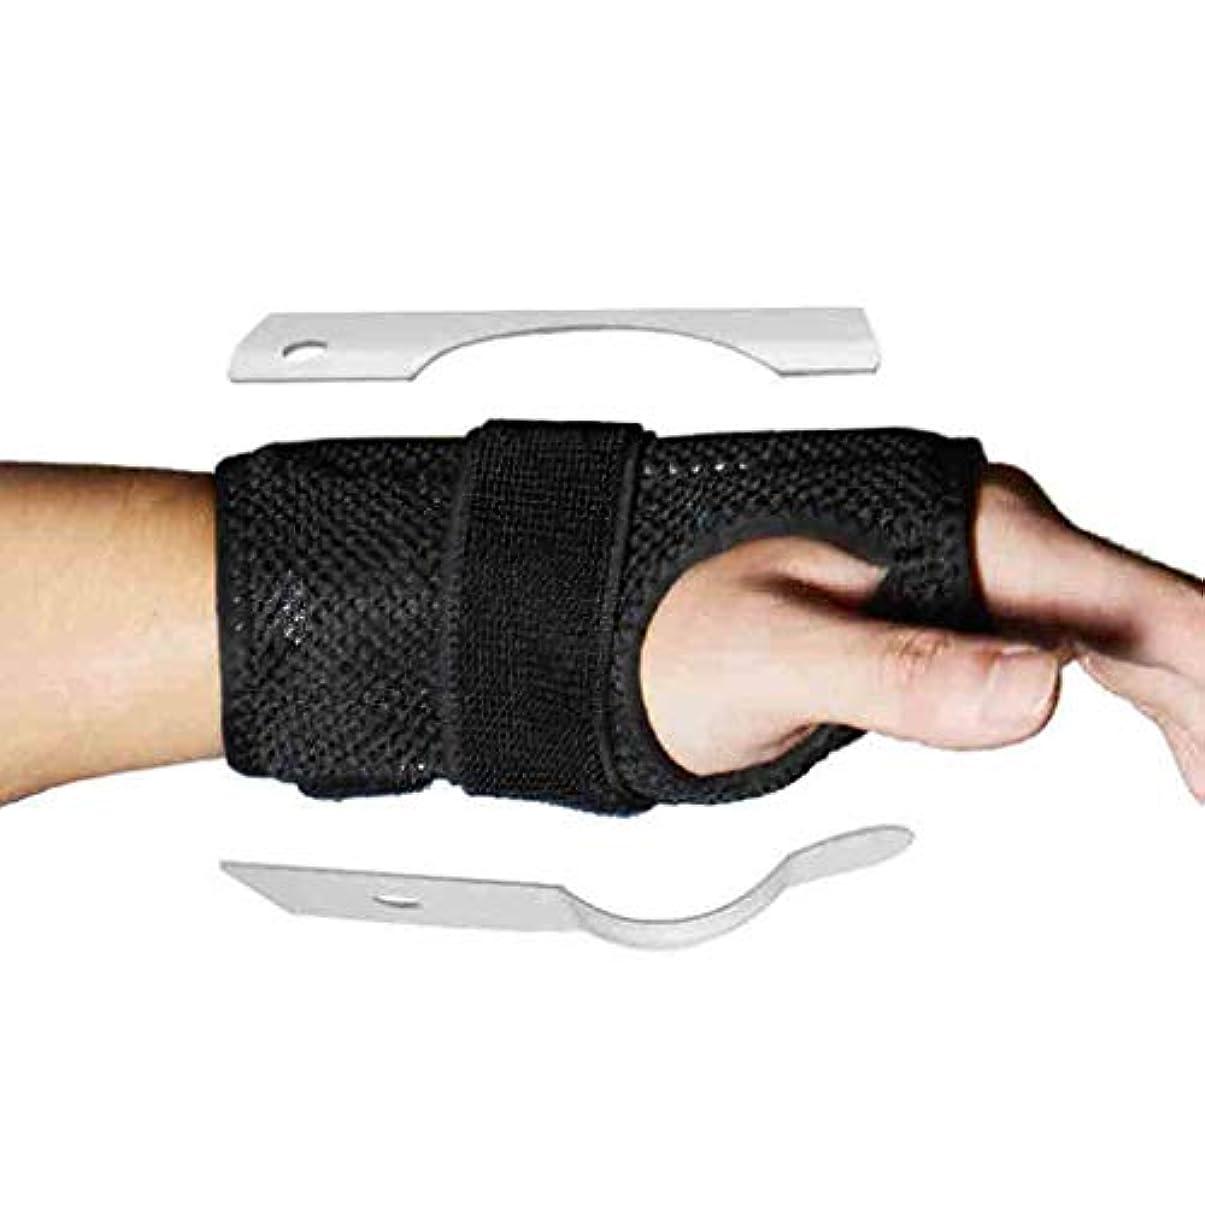 チューリップ過度にシェルタートリガーのための親指のスプリント親指の通気性のファブリック手首の親指腱鞘炎脳手根管症候群のためのリストバンドスプリントママの親指ブレース関節炎 Roscloud@